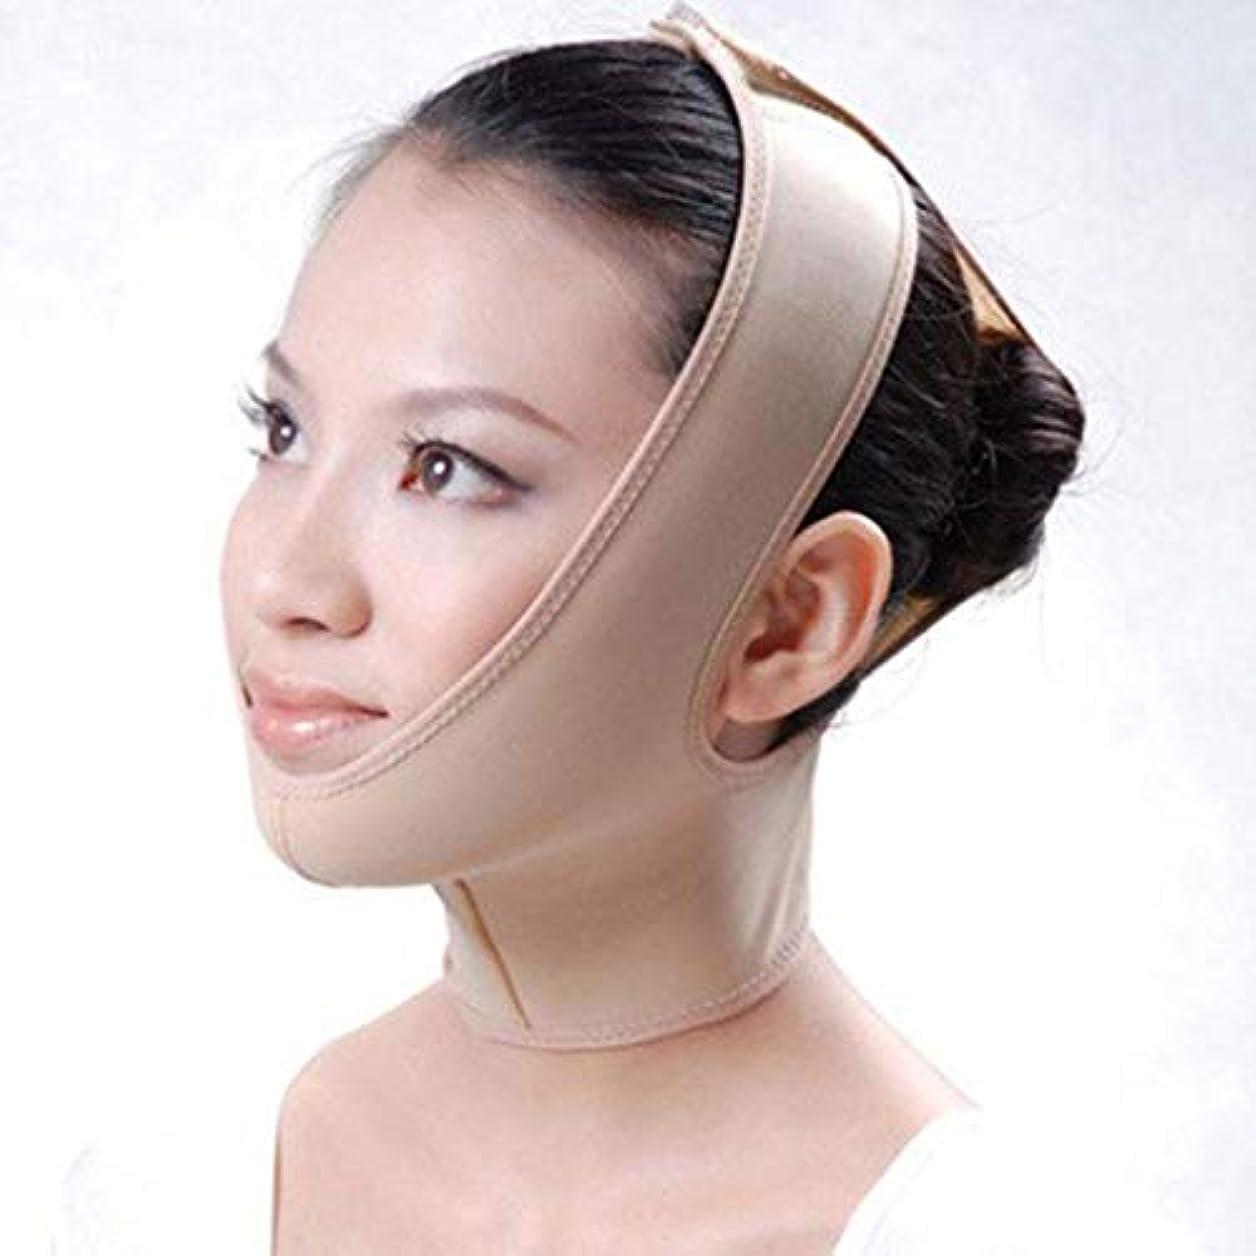 基礎理論アイザック体現するフェイスリフティングマスク、リフティングフェイス付きVフェイス、ラインリフティング包帯、ほっそりスリム、痩身のあごのマスク/あごの通気性のあご (XL)